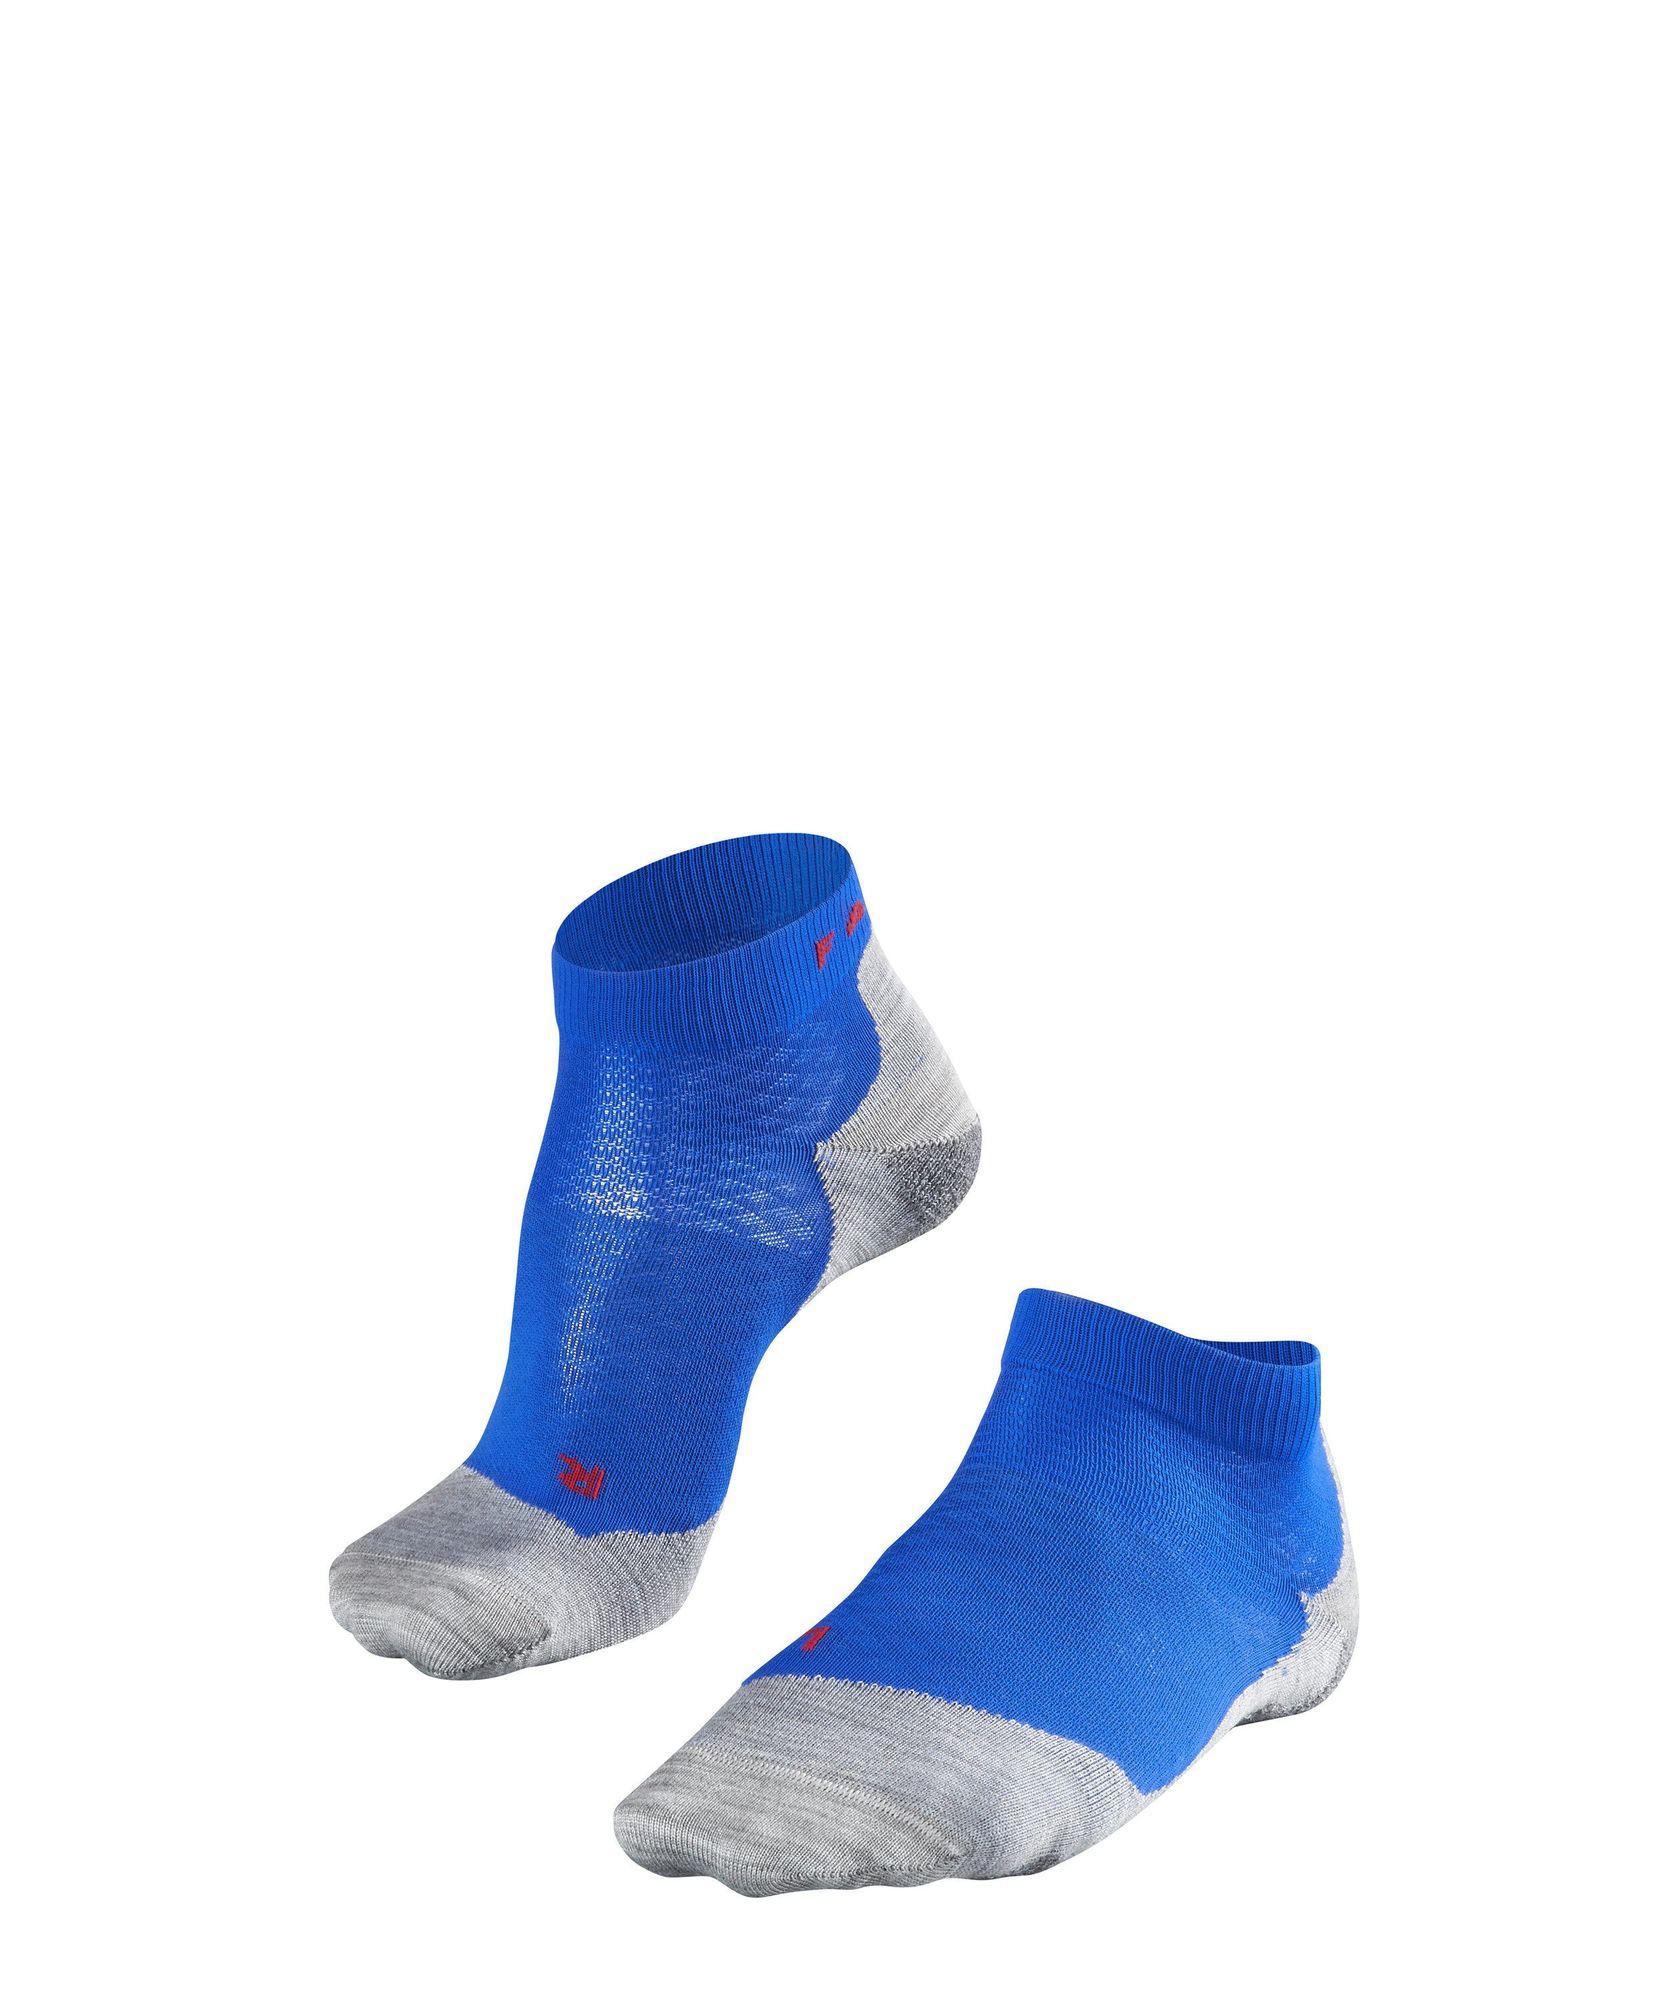 Falke RU5 Short Damen in Blau